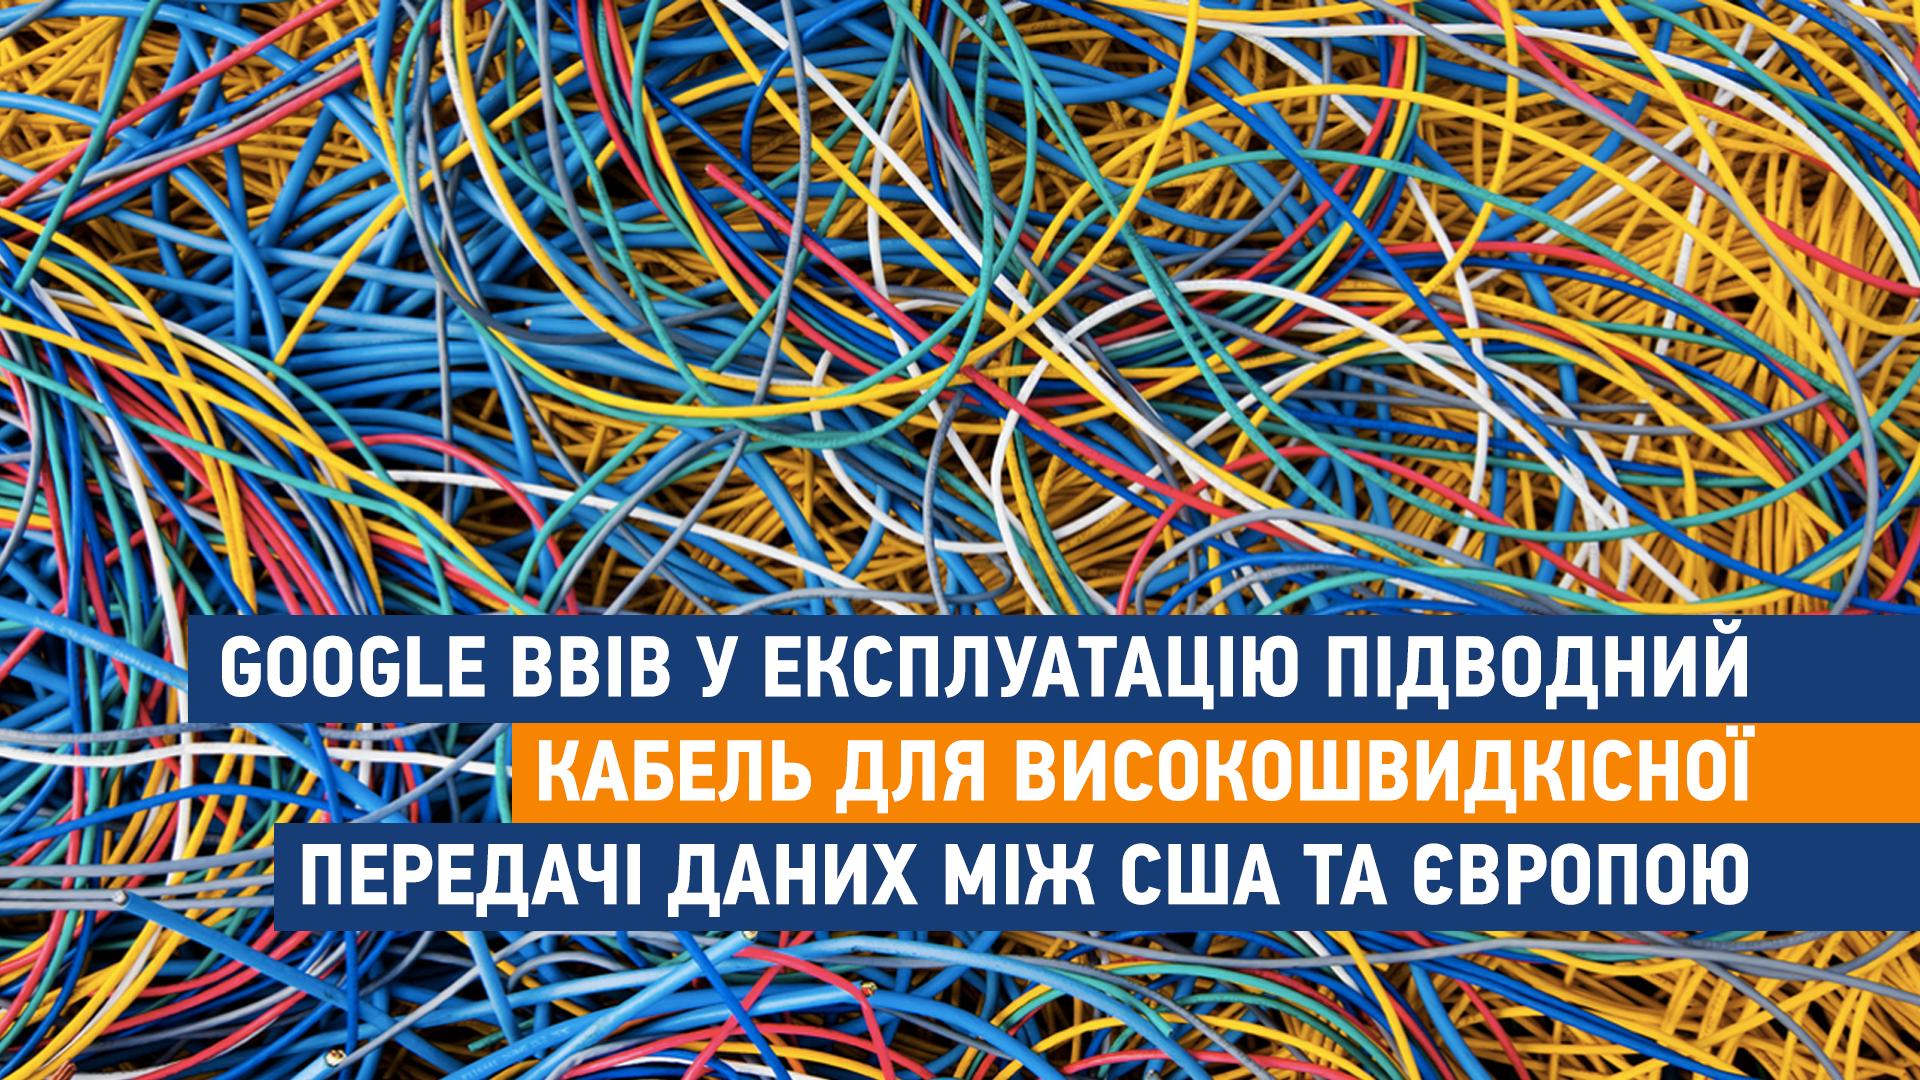 Google ввів у експлуатацію підводний кабель для високошвидкісної передачі даних між США та Європою - Кабель, google, Alphabet - shablon poglyad site